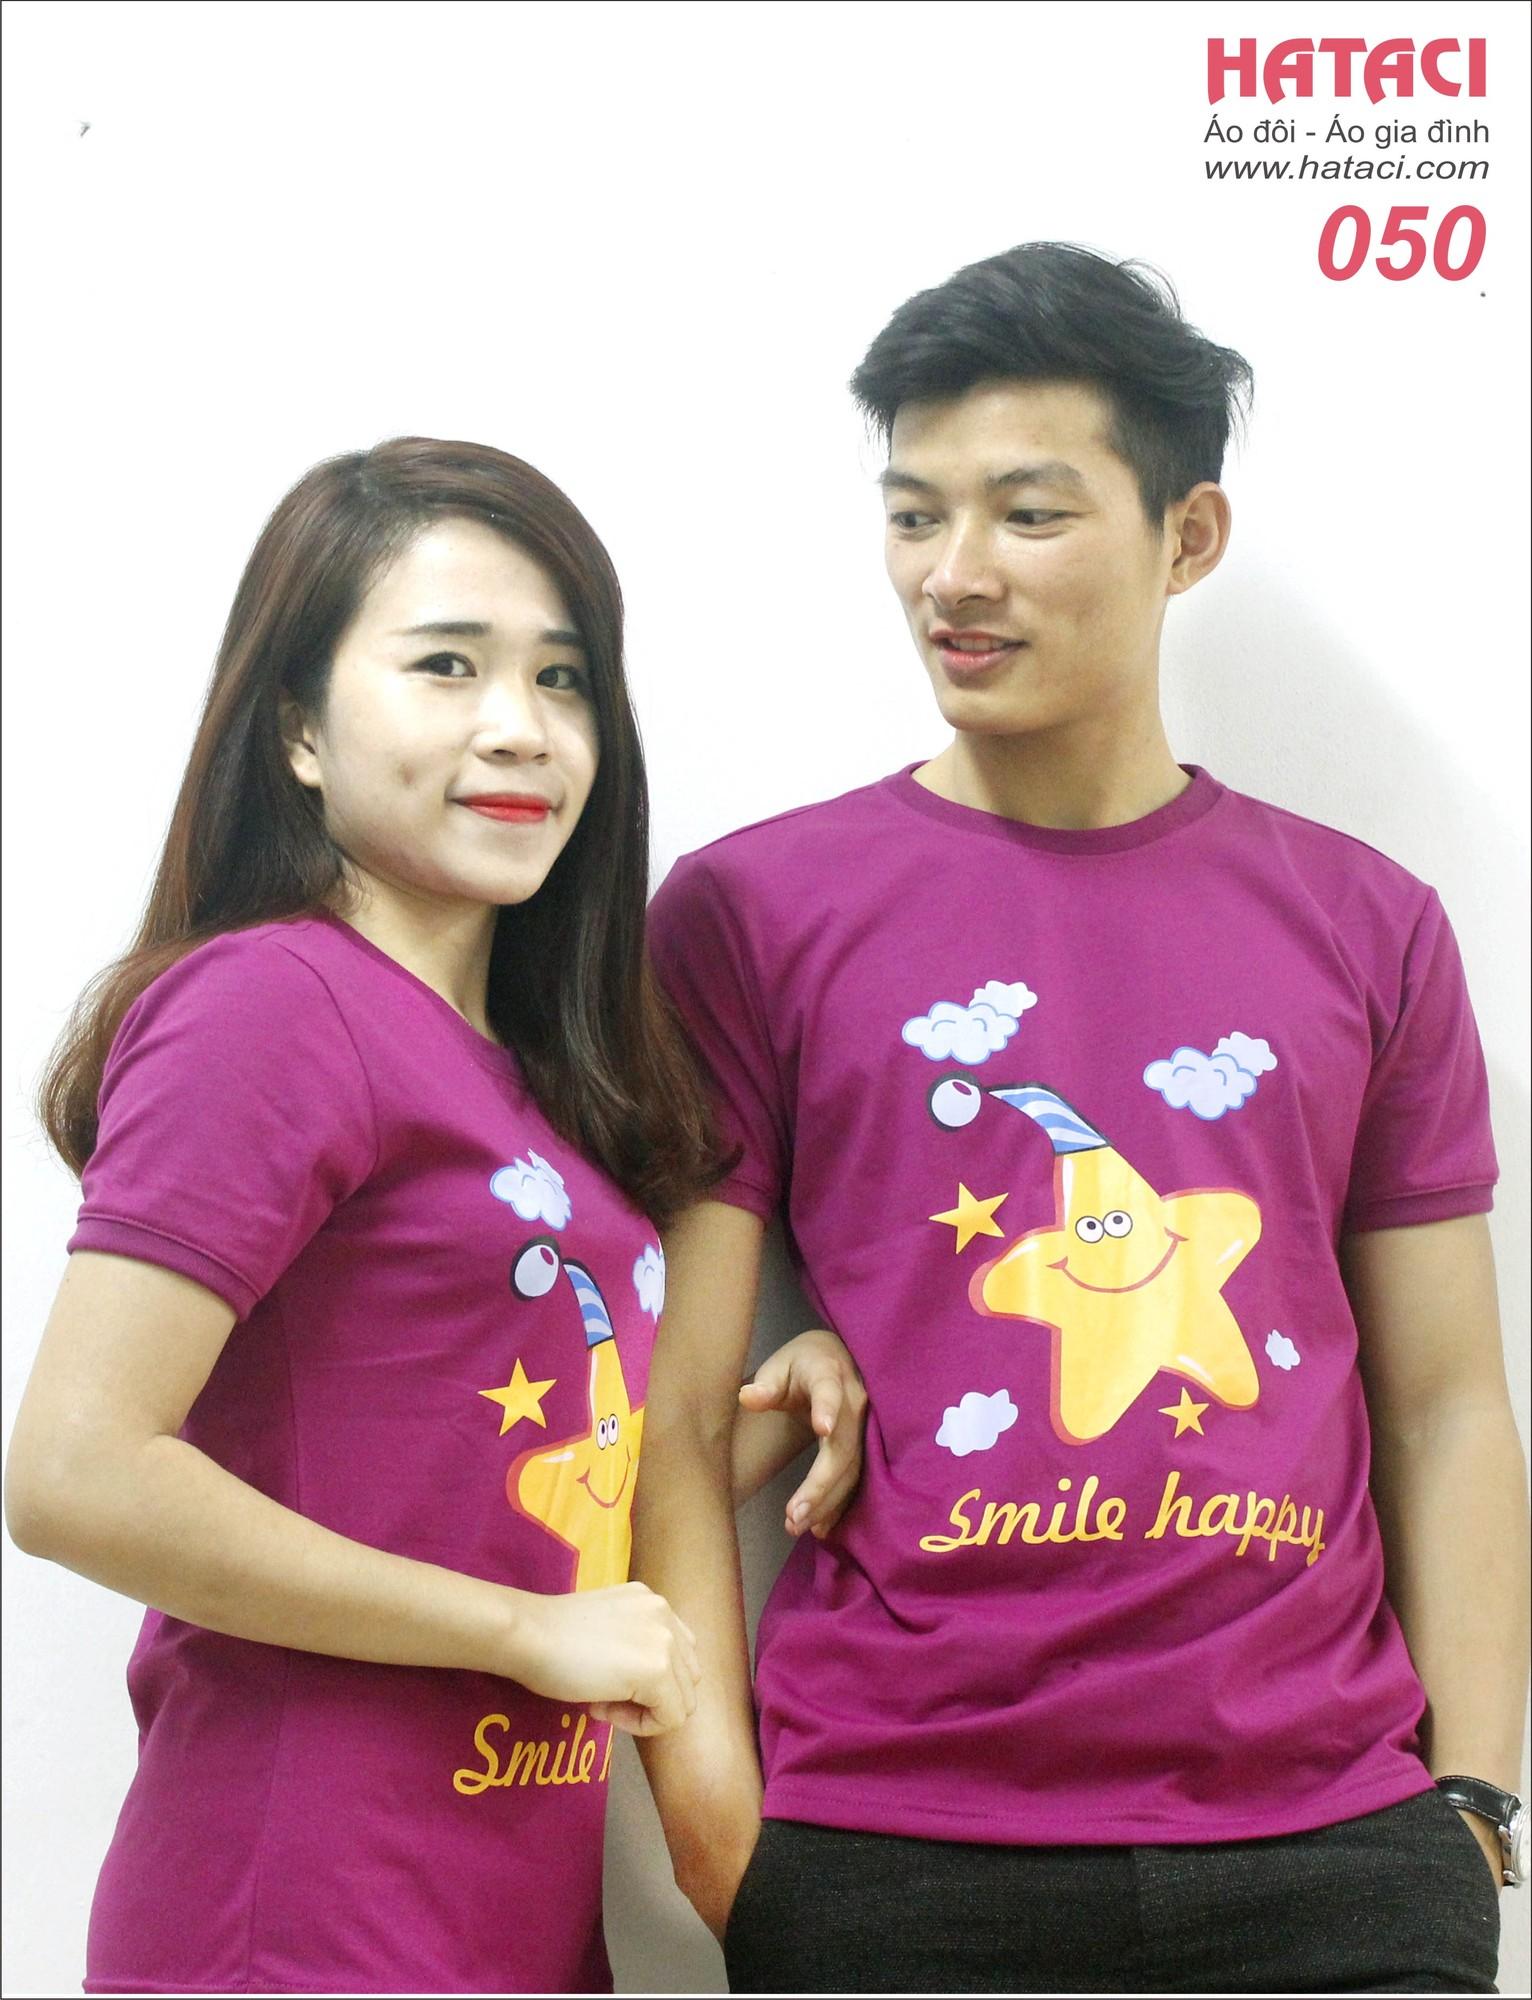 8 Mua áo đôi cửa hàng Hataci 191 Bạch Mai , Hà Nội